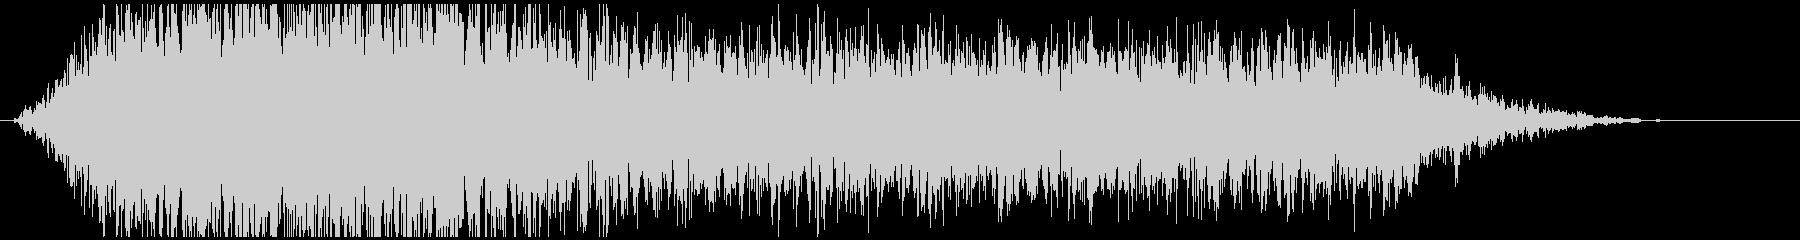 ドローン G ノイズロー01の未再生の波形